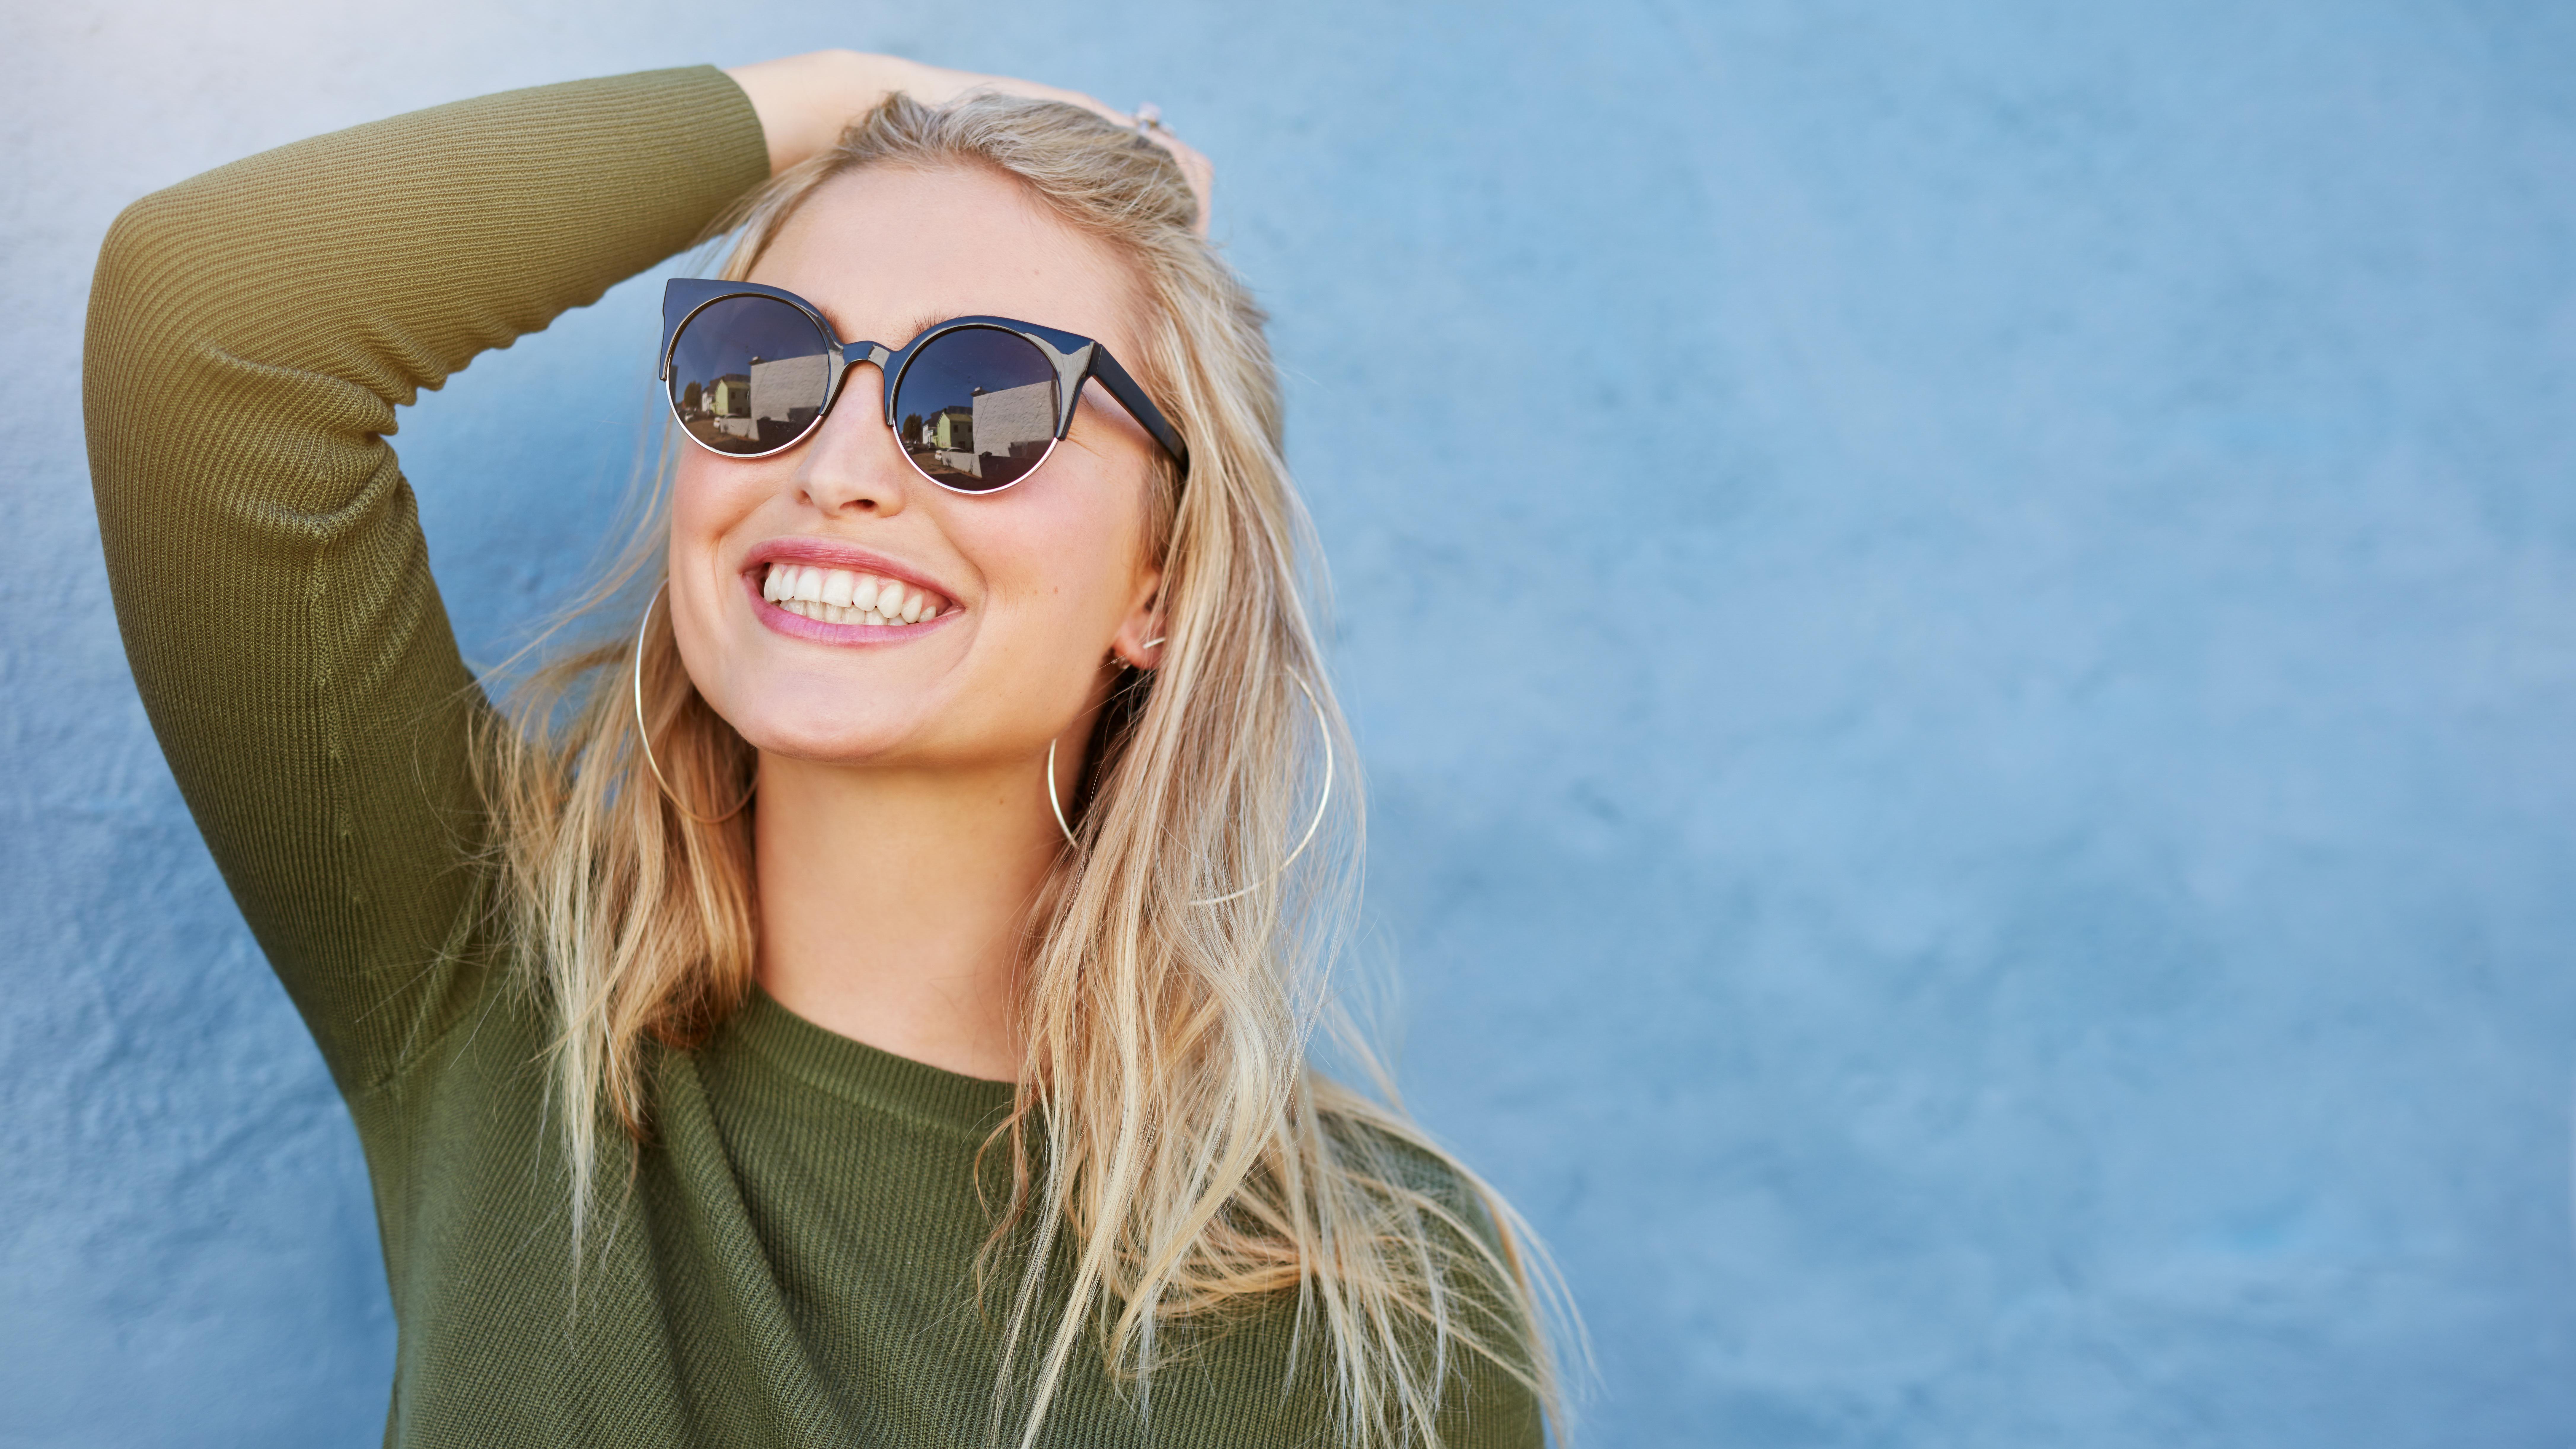 Jakie okulary przeciwsłoneczne damskie wybrać w tym sezonie? 6 najmodniejszych modeli